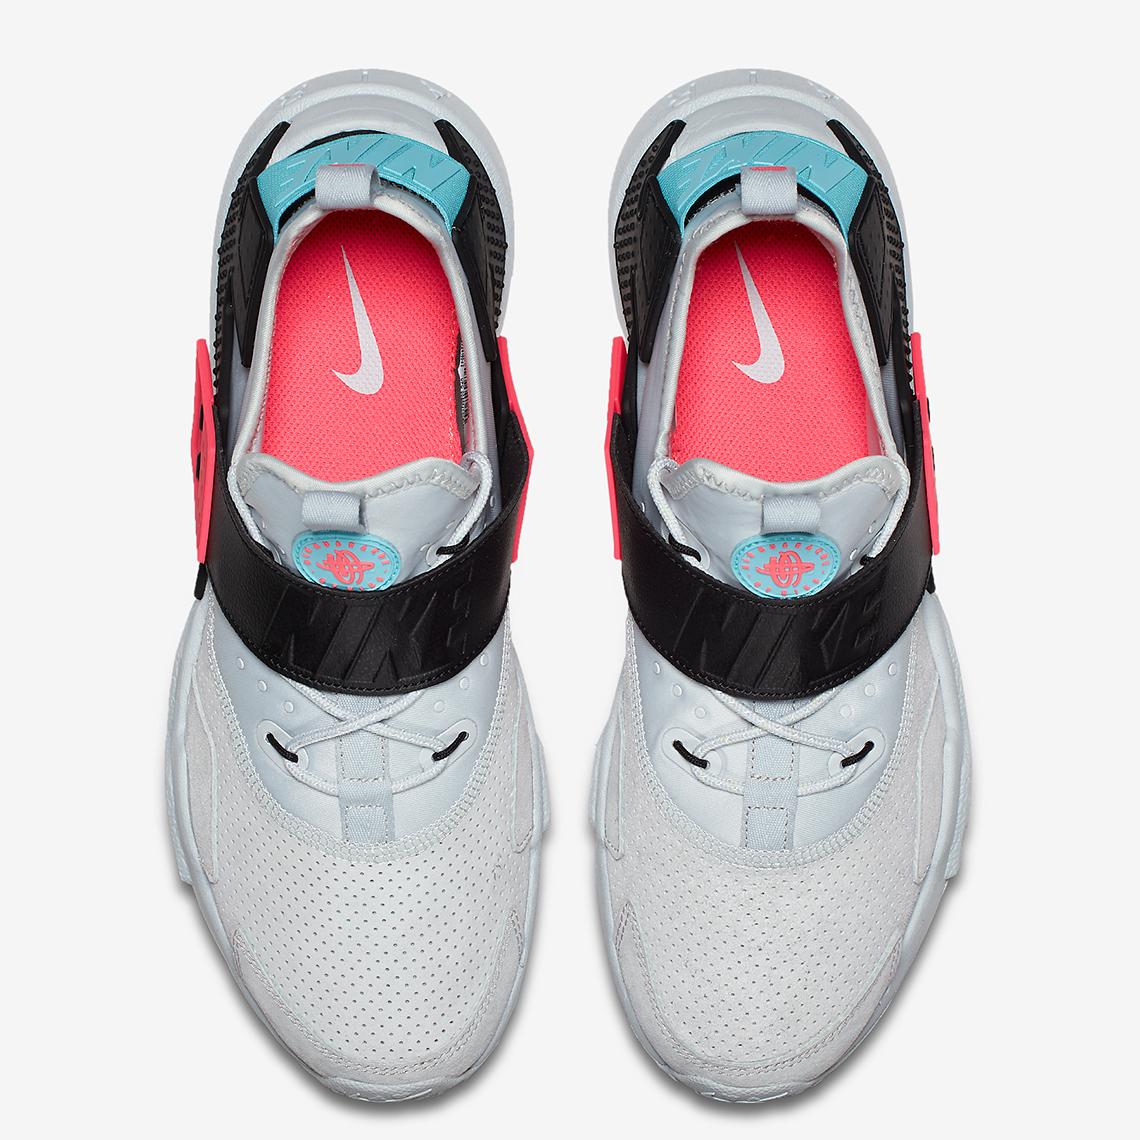 6f0d25e50d2a Nike Air Huarache Drift